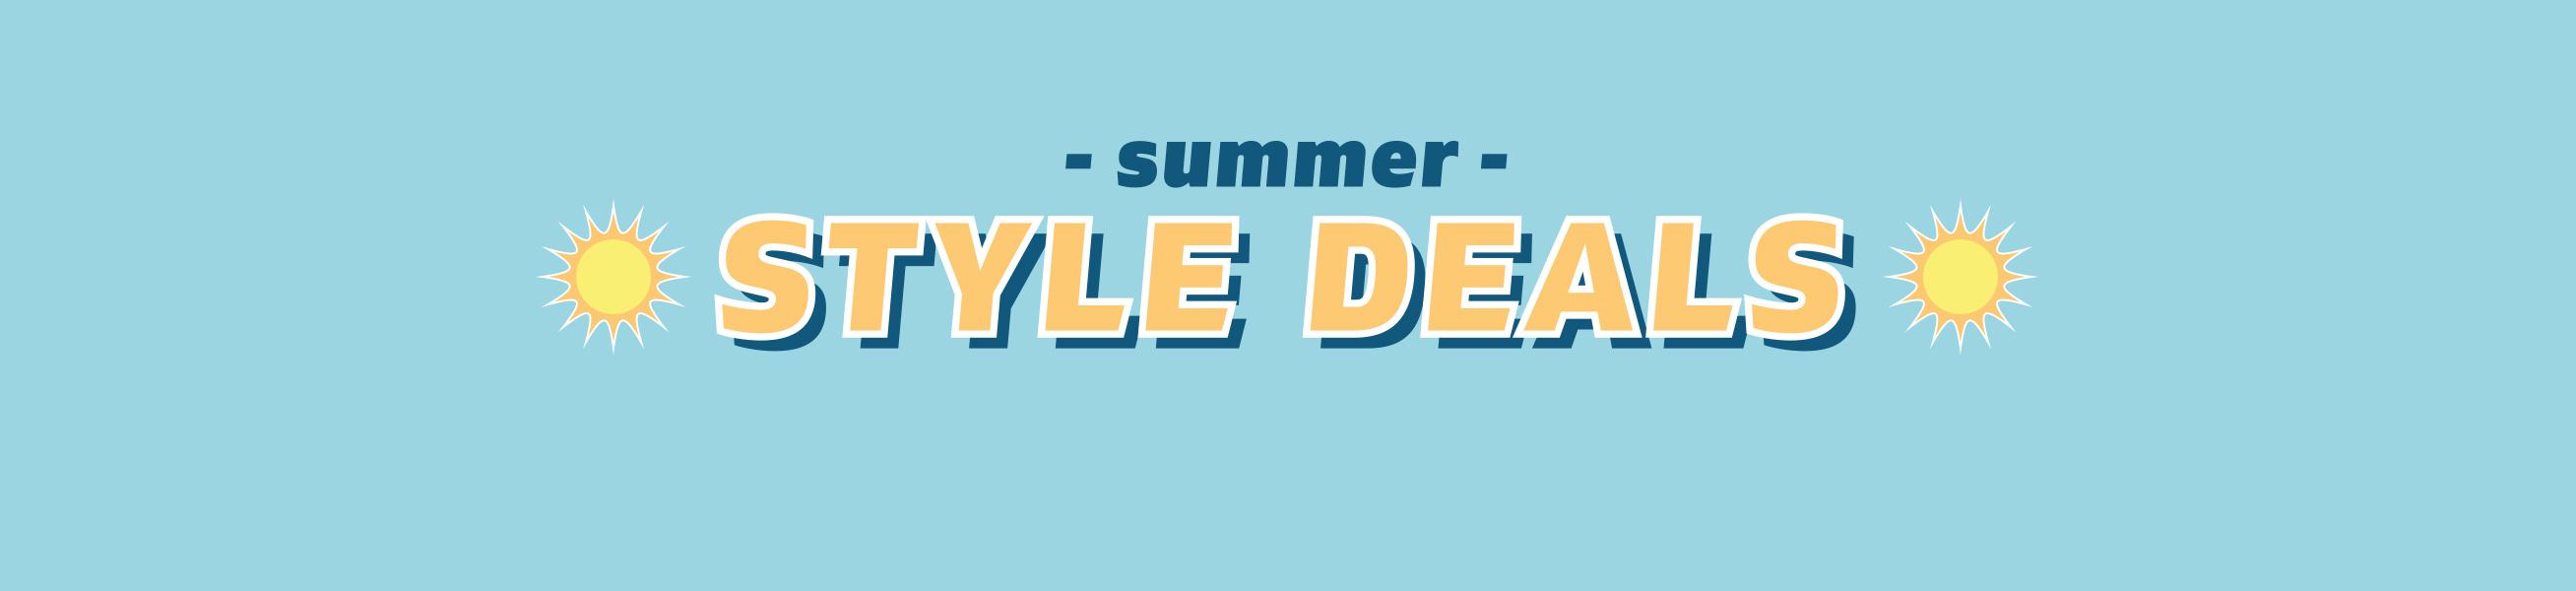 Summer Style Deals